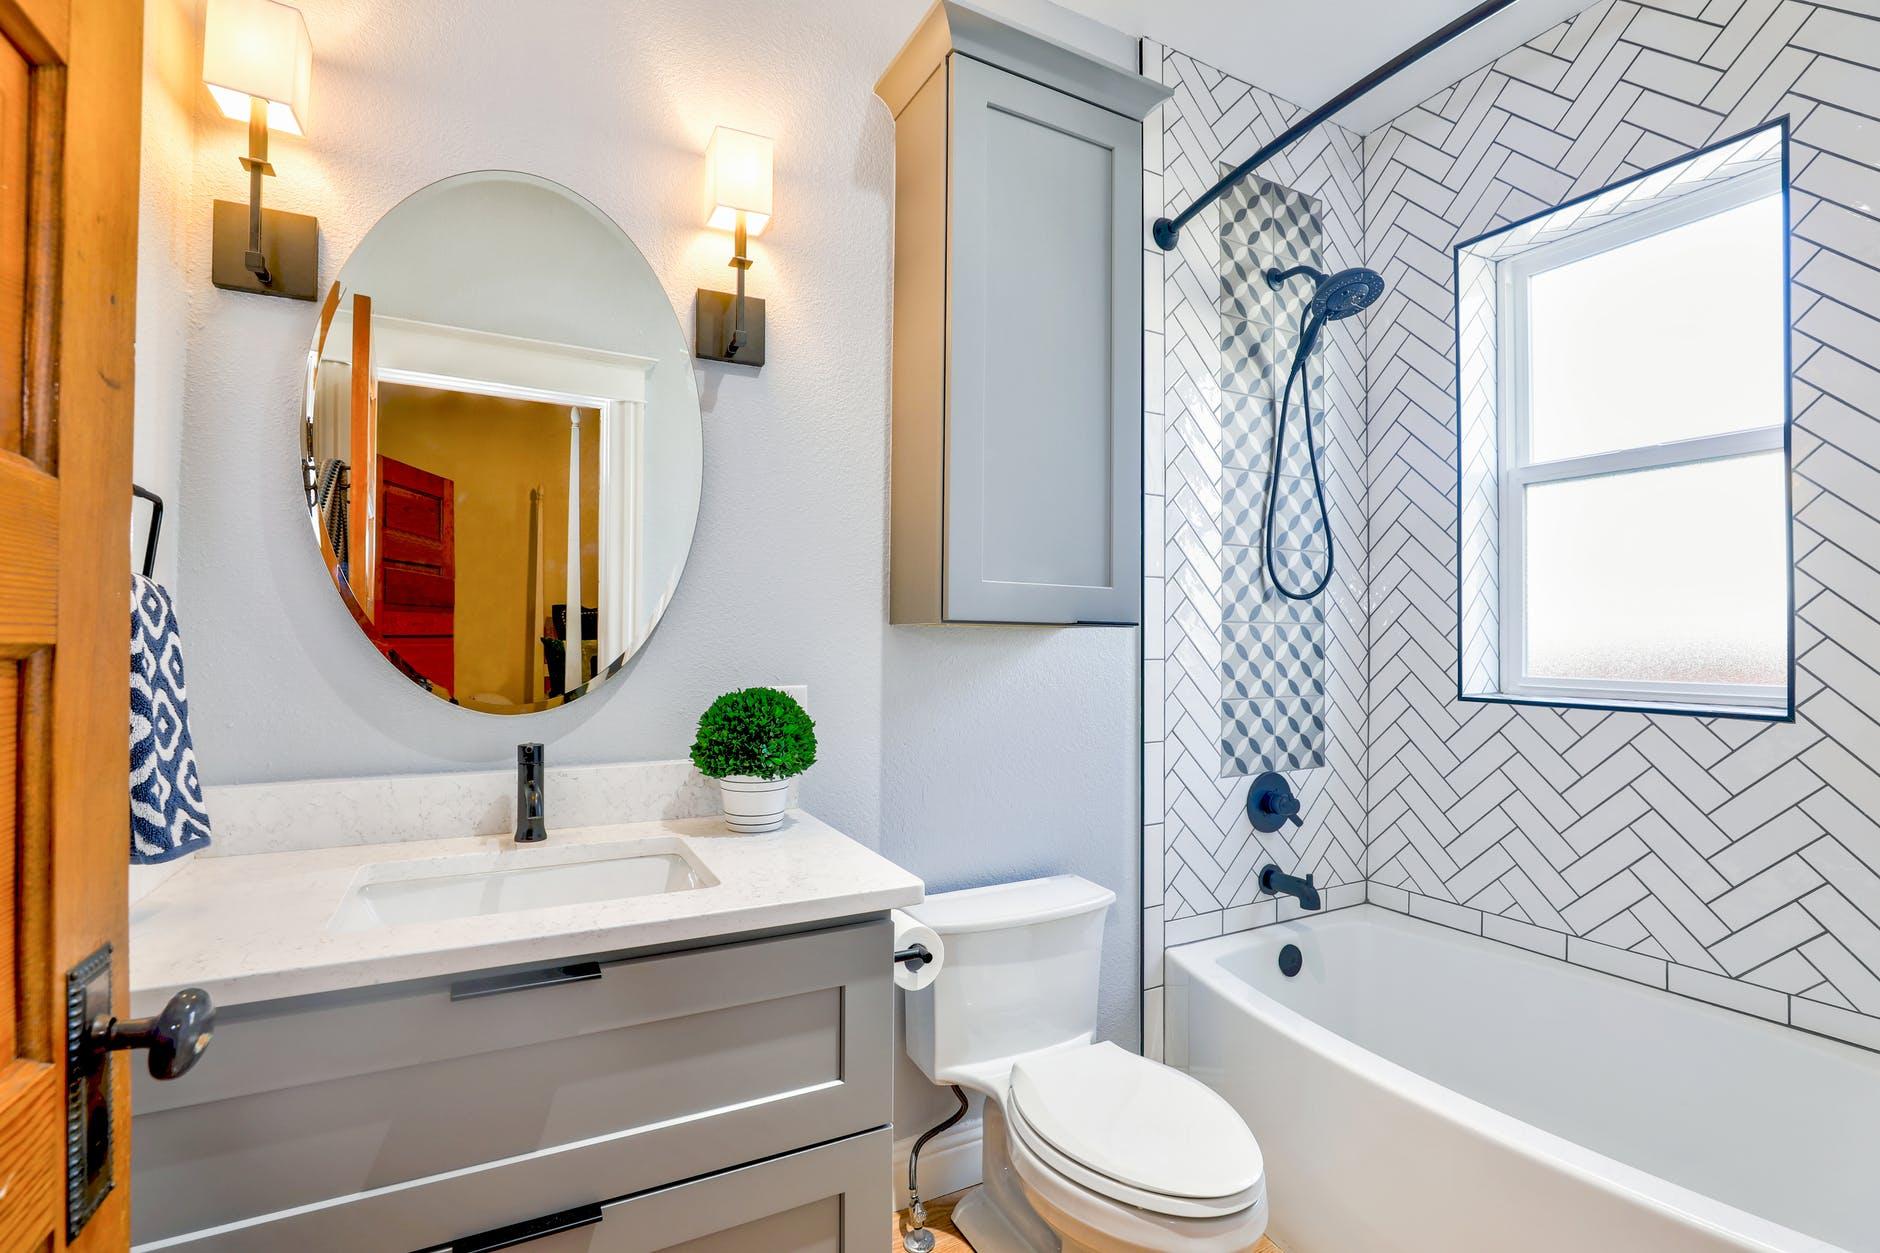 Decoração de casas e apartamentos com papel de parede - Papel de parede no banheiro